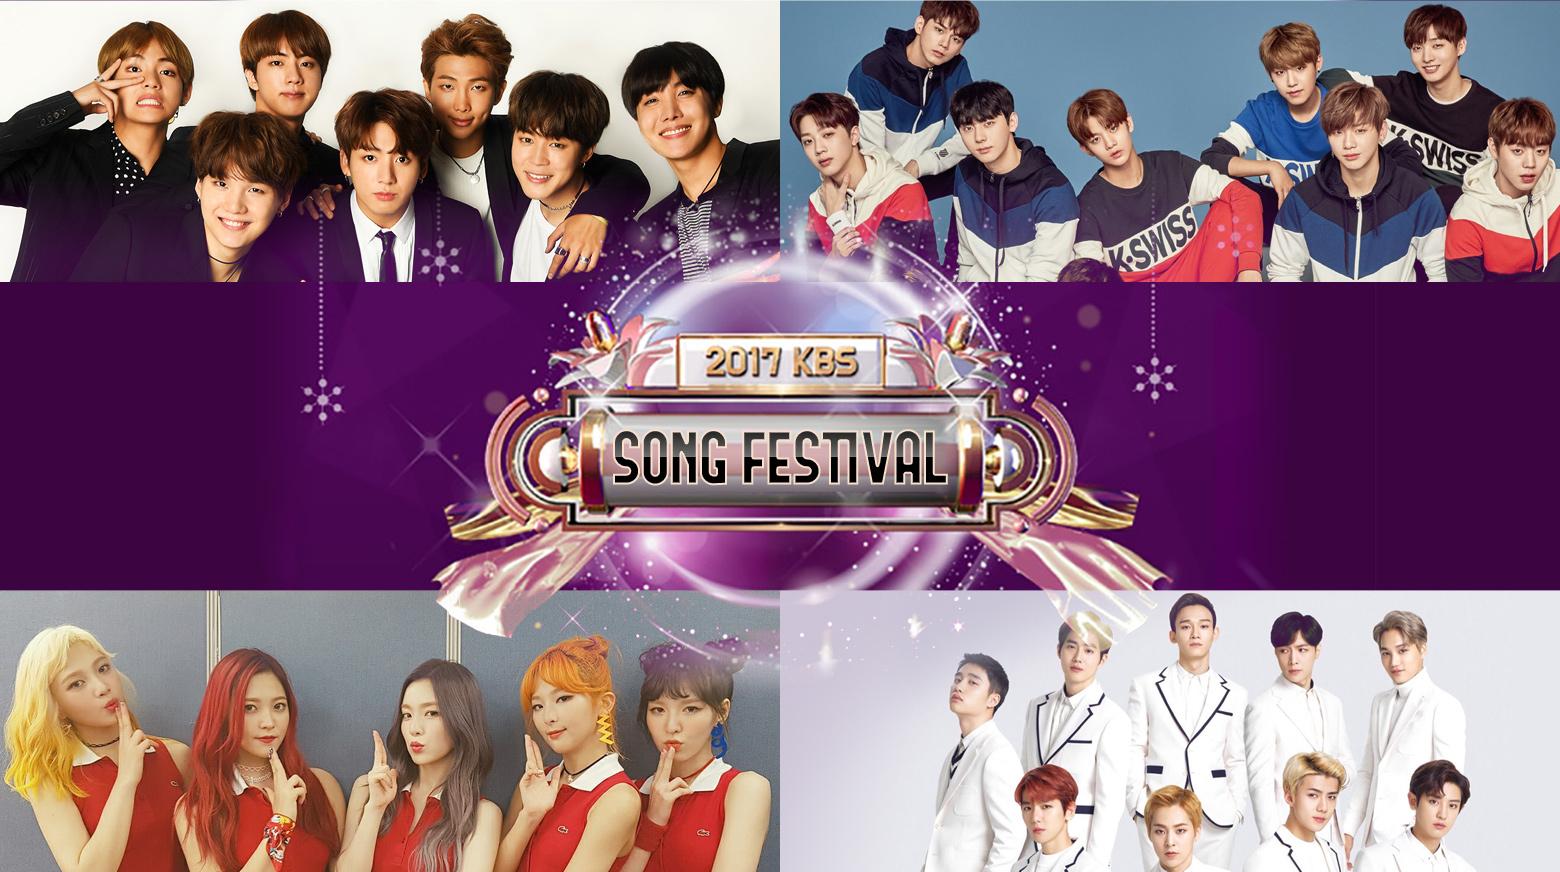 Festival da Canção da KBS 2017